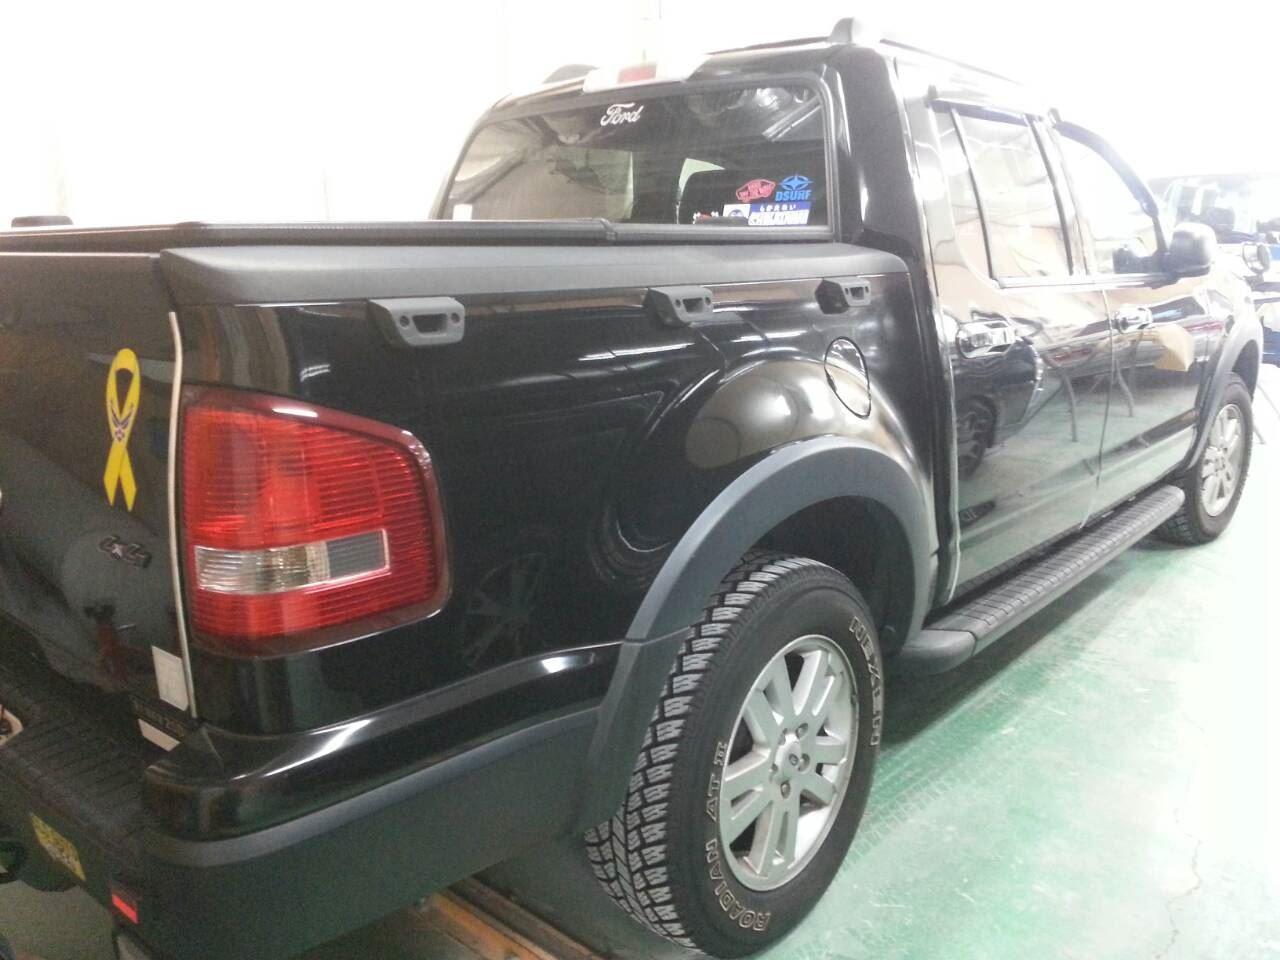 東京都立川市の車の板金塗装修理工場 ガレージローライドのフォード エクスプローラー スポーツトラックの右側面のキズ へこみ の板金 修理 塗装 です。